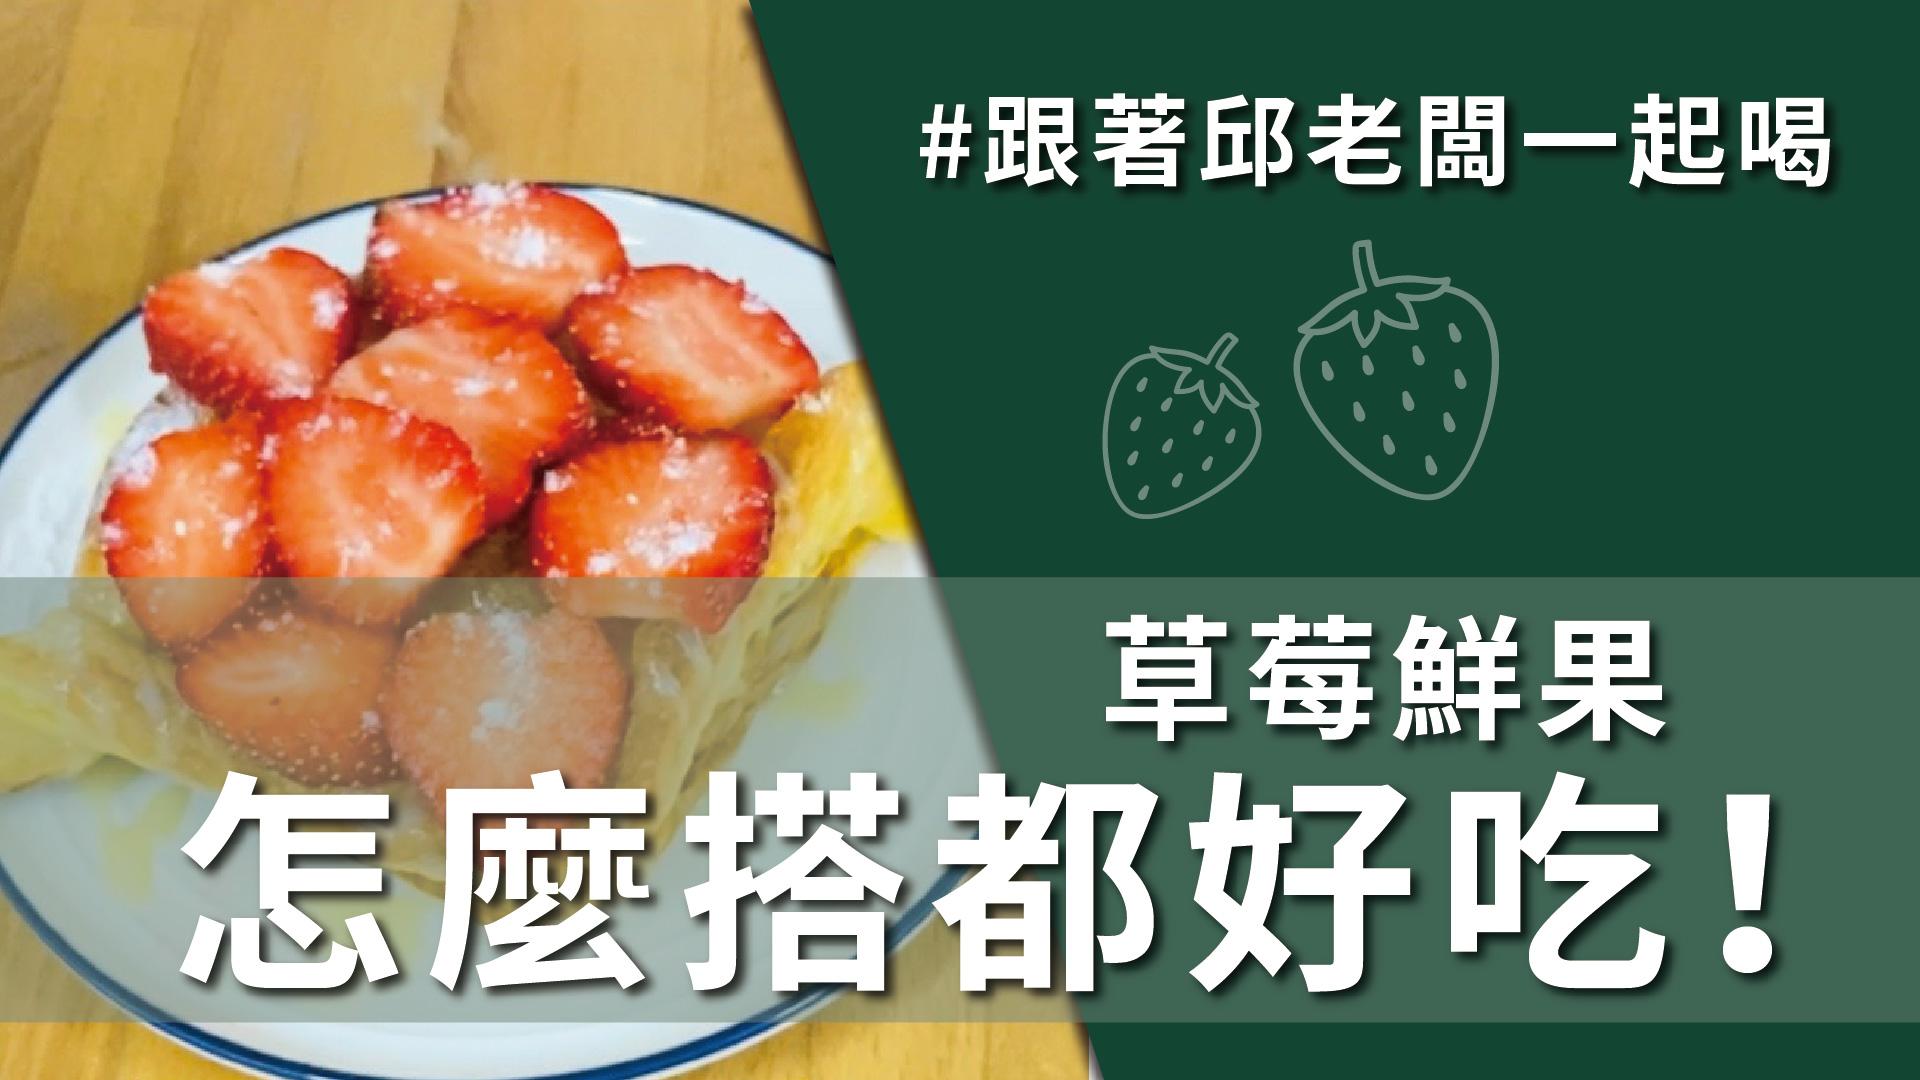 飲料界網美,來自苗栗大湖新鮮草莓,最濃郁順口的莓好時光!#2月6日 #DAY146